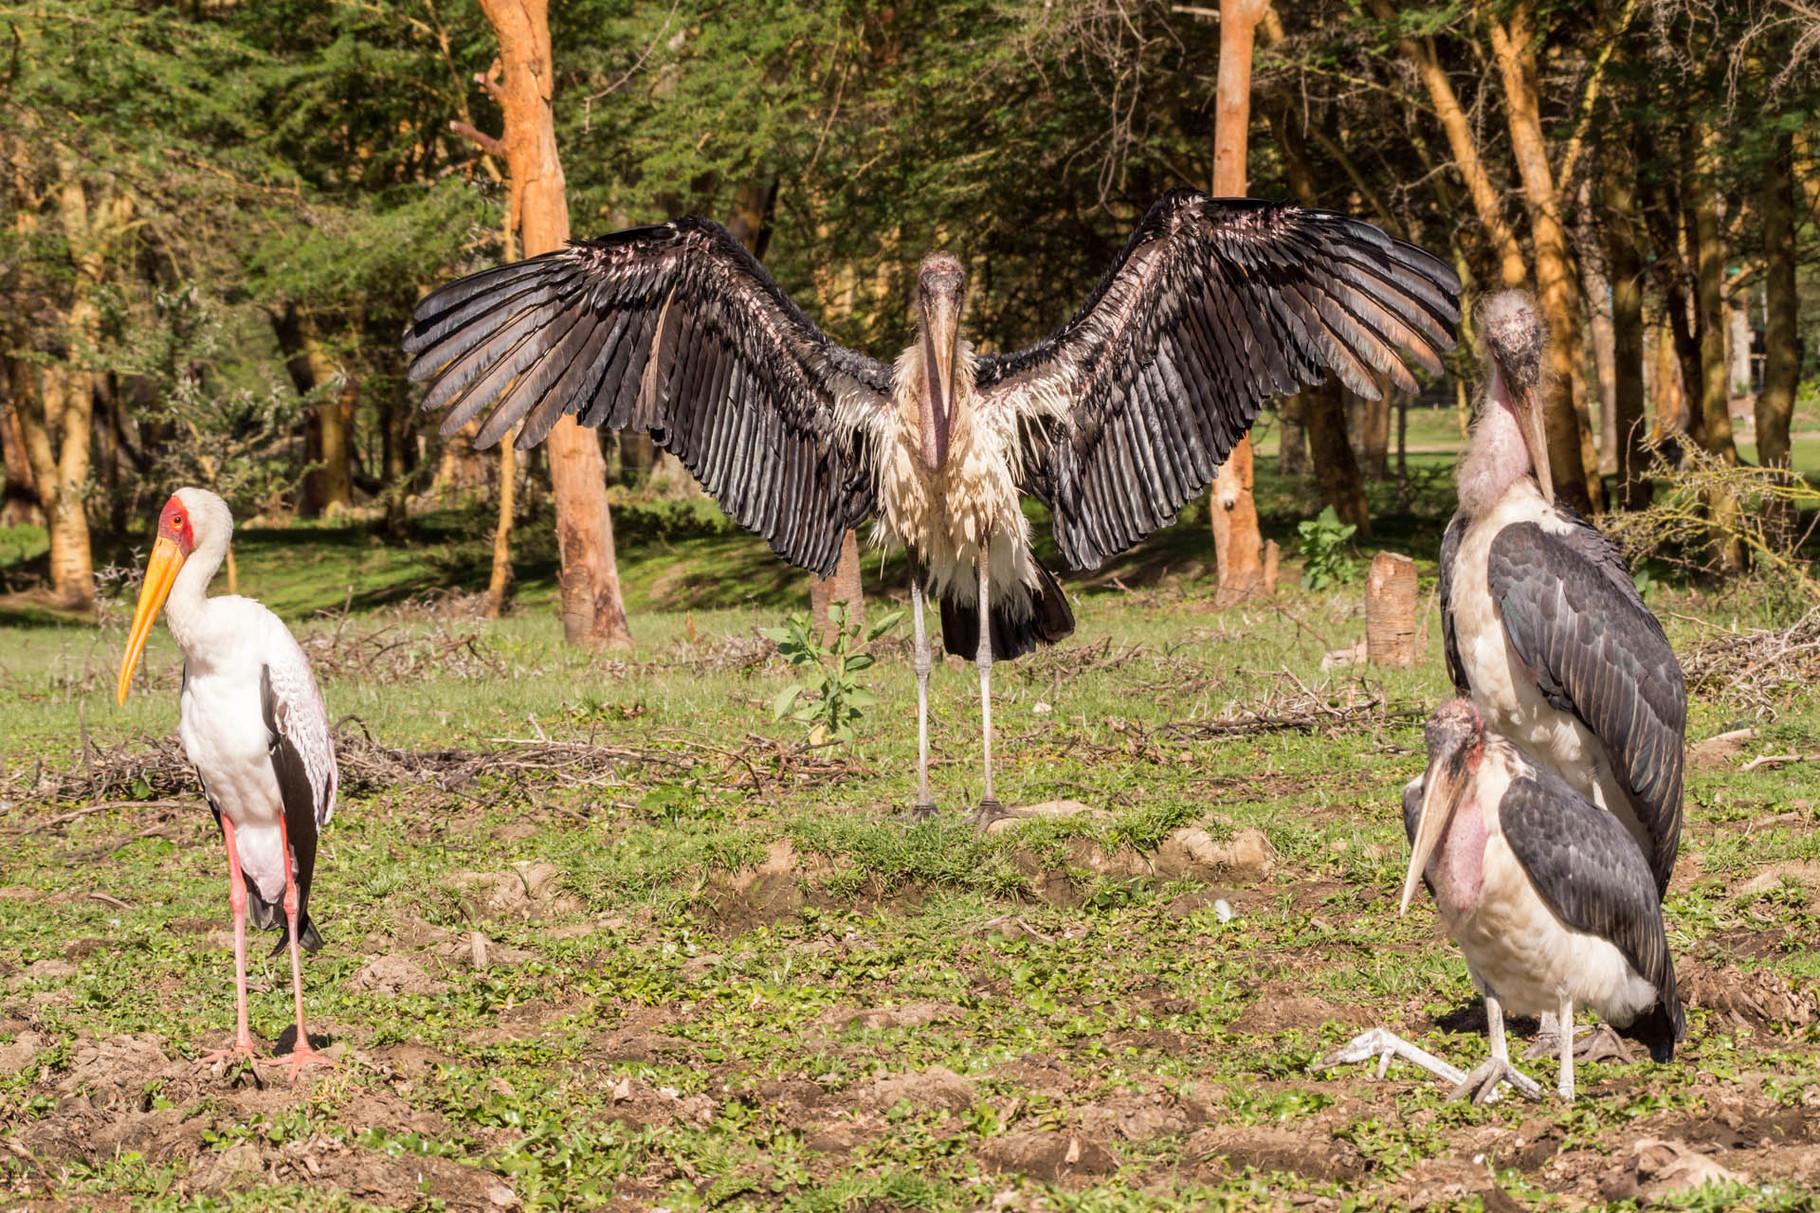 Storks [Lake Navaisha, Kenya, 2015]